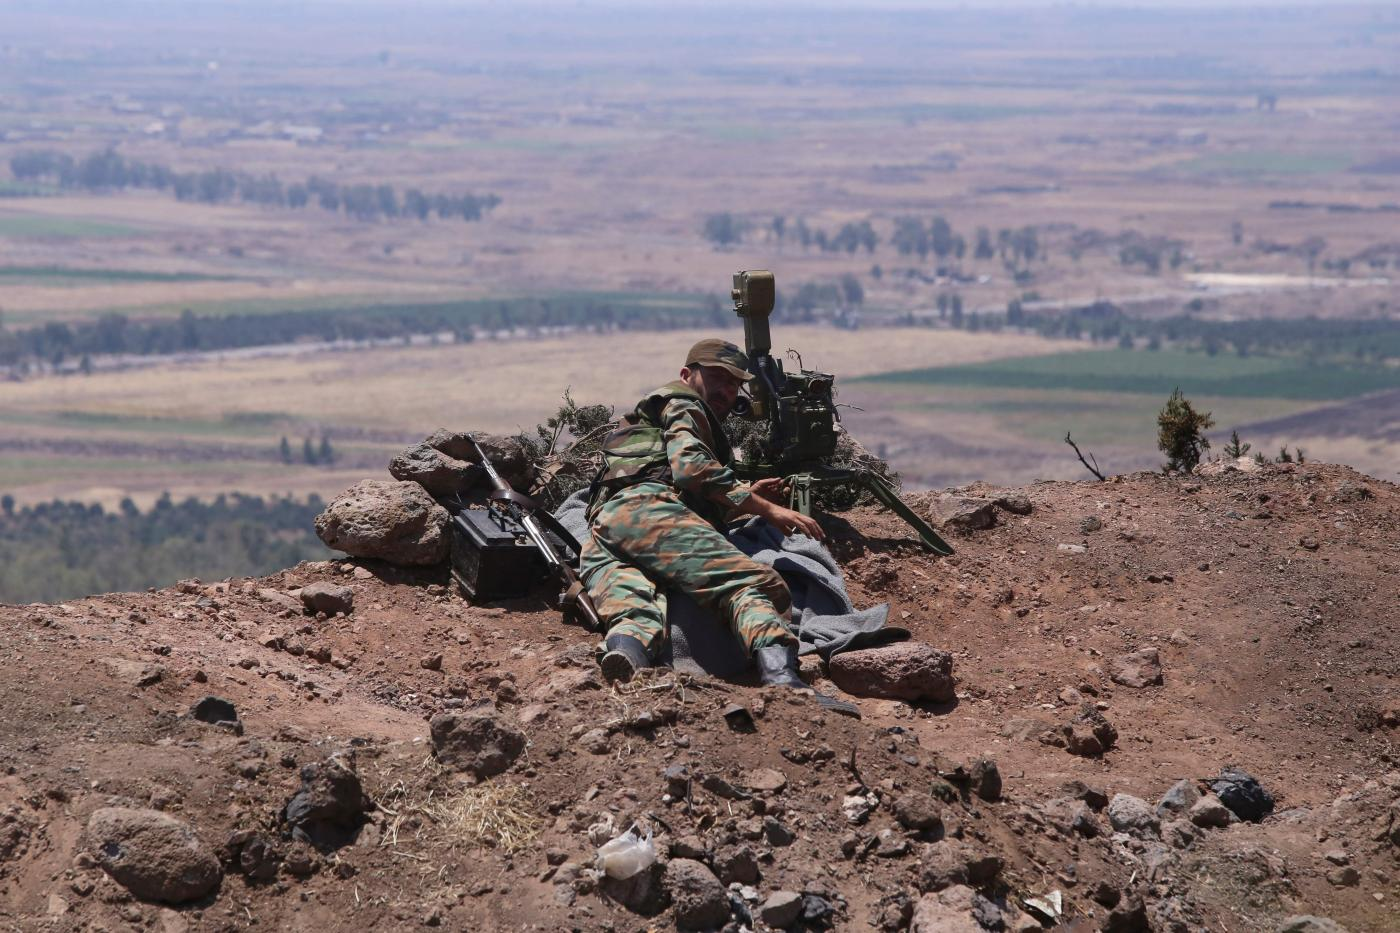 L'esercito siriano è pronto a riconquistare Idlib (LaPresse)